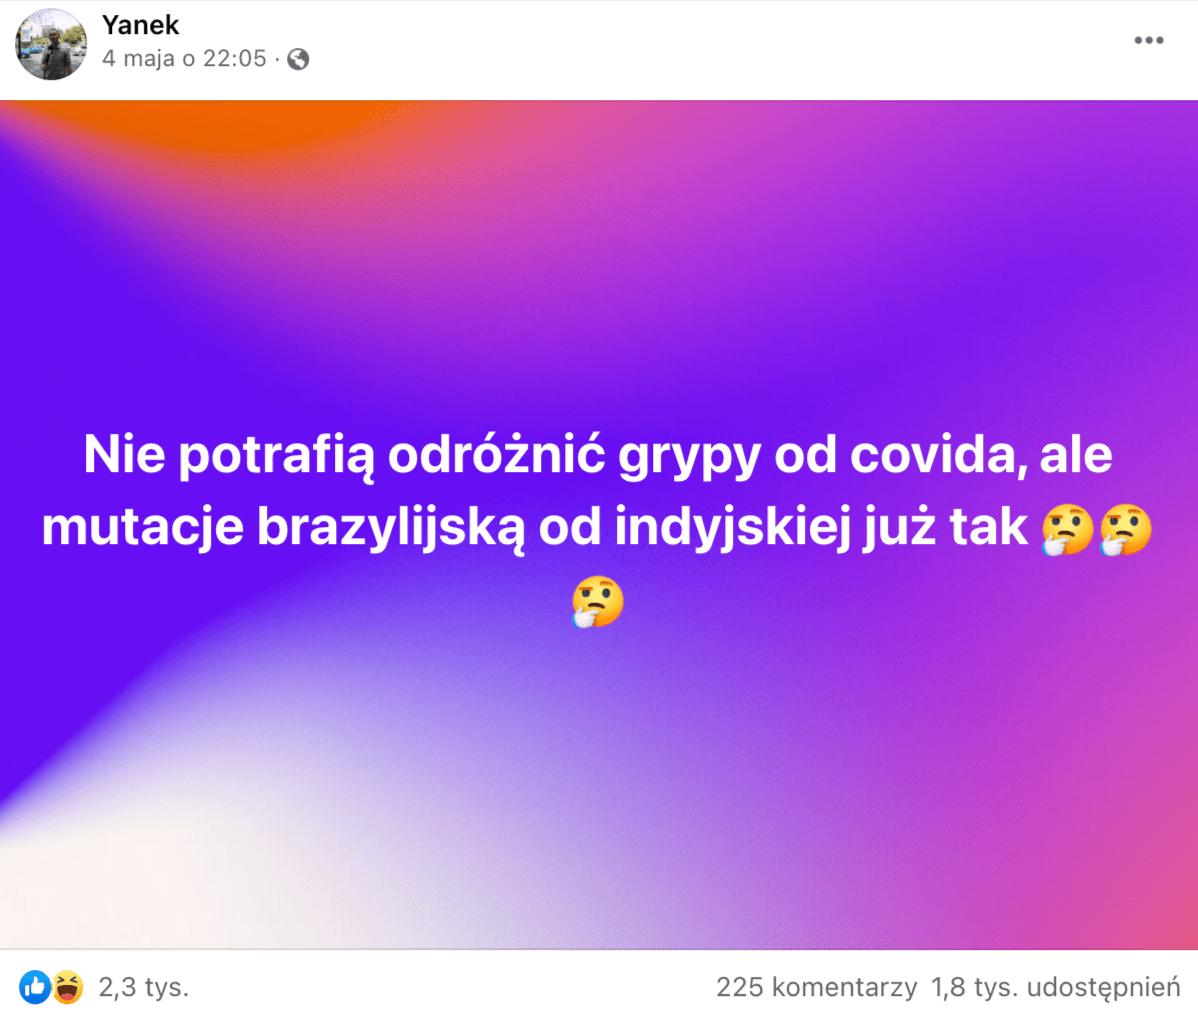 """Post zgrafiką opublikowany naportalu """"Yanek"""". Nafioletowo-różowej planszy napis: """"Nie potrafią odróżnić grypy od covida, alemutacje brazylijską od indyjskiej już tak""""."""